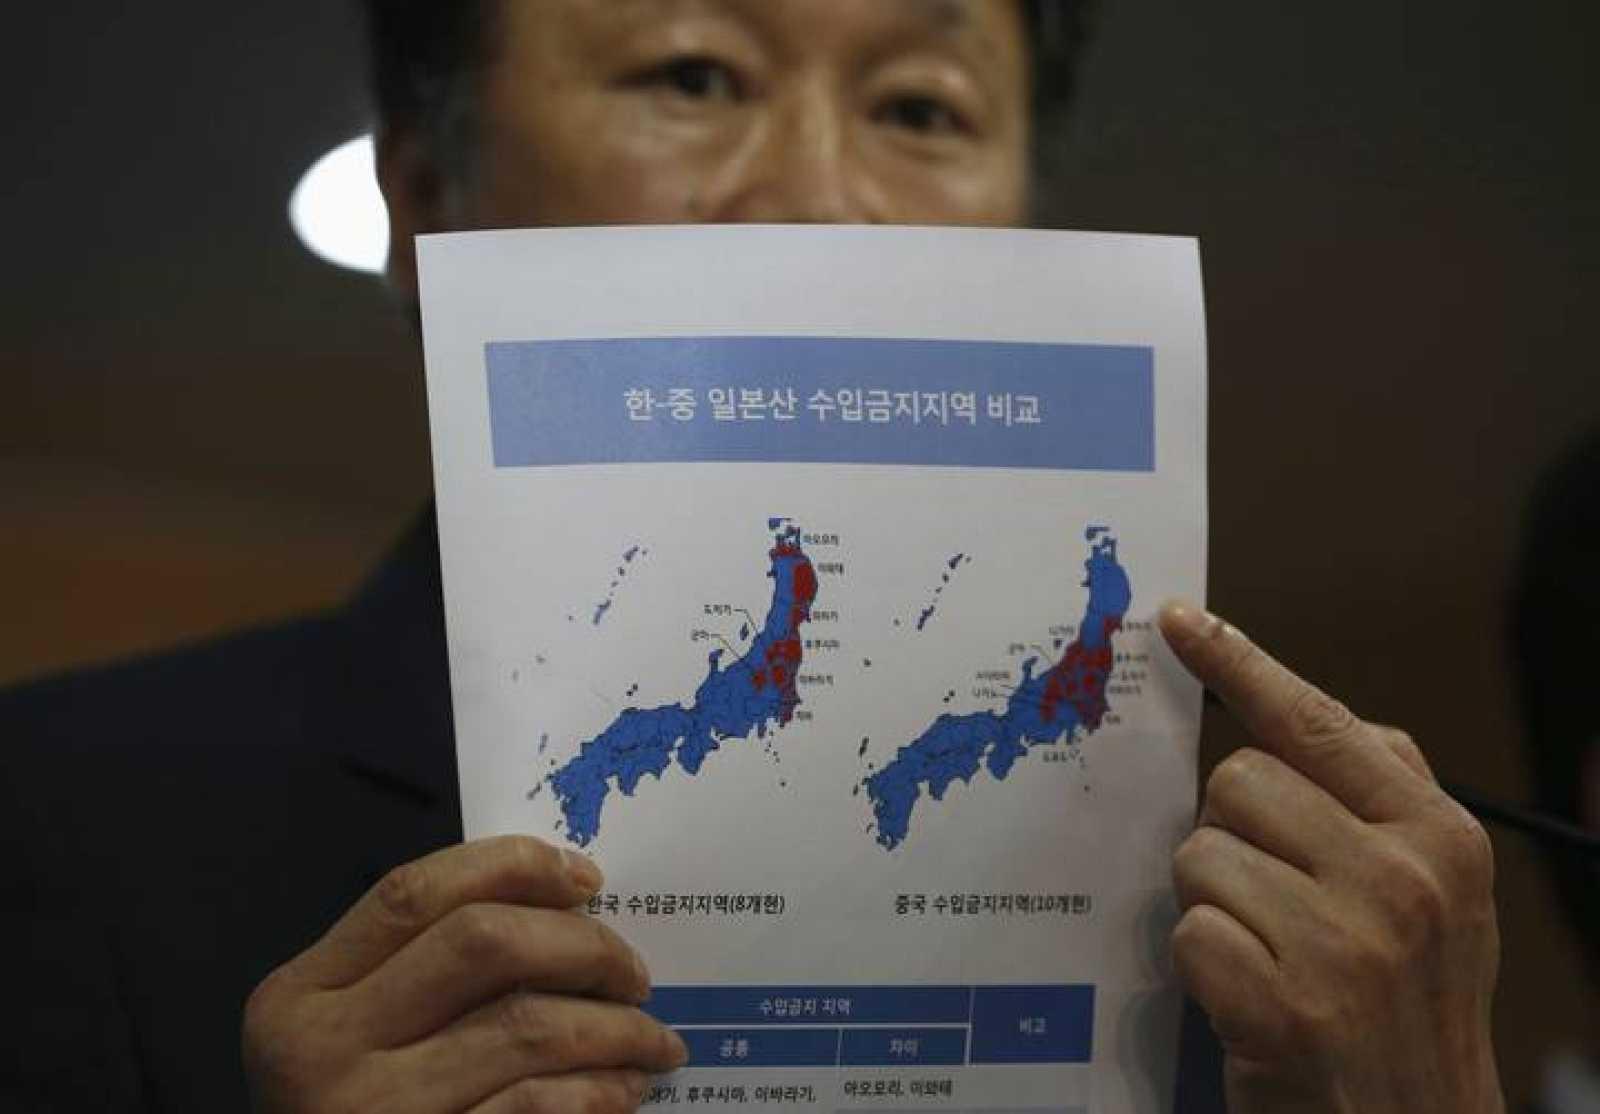 El viceministro surcoreano de Asuntos Marítimos y Pesca, Son Jae-hak, muestra en un documento las prefecturas japonesas de las zonas prohibiciones de importación (en rojo) impuestas por Corea del Sur y China, respectivamente.